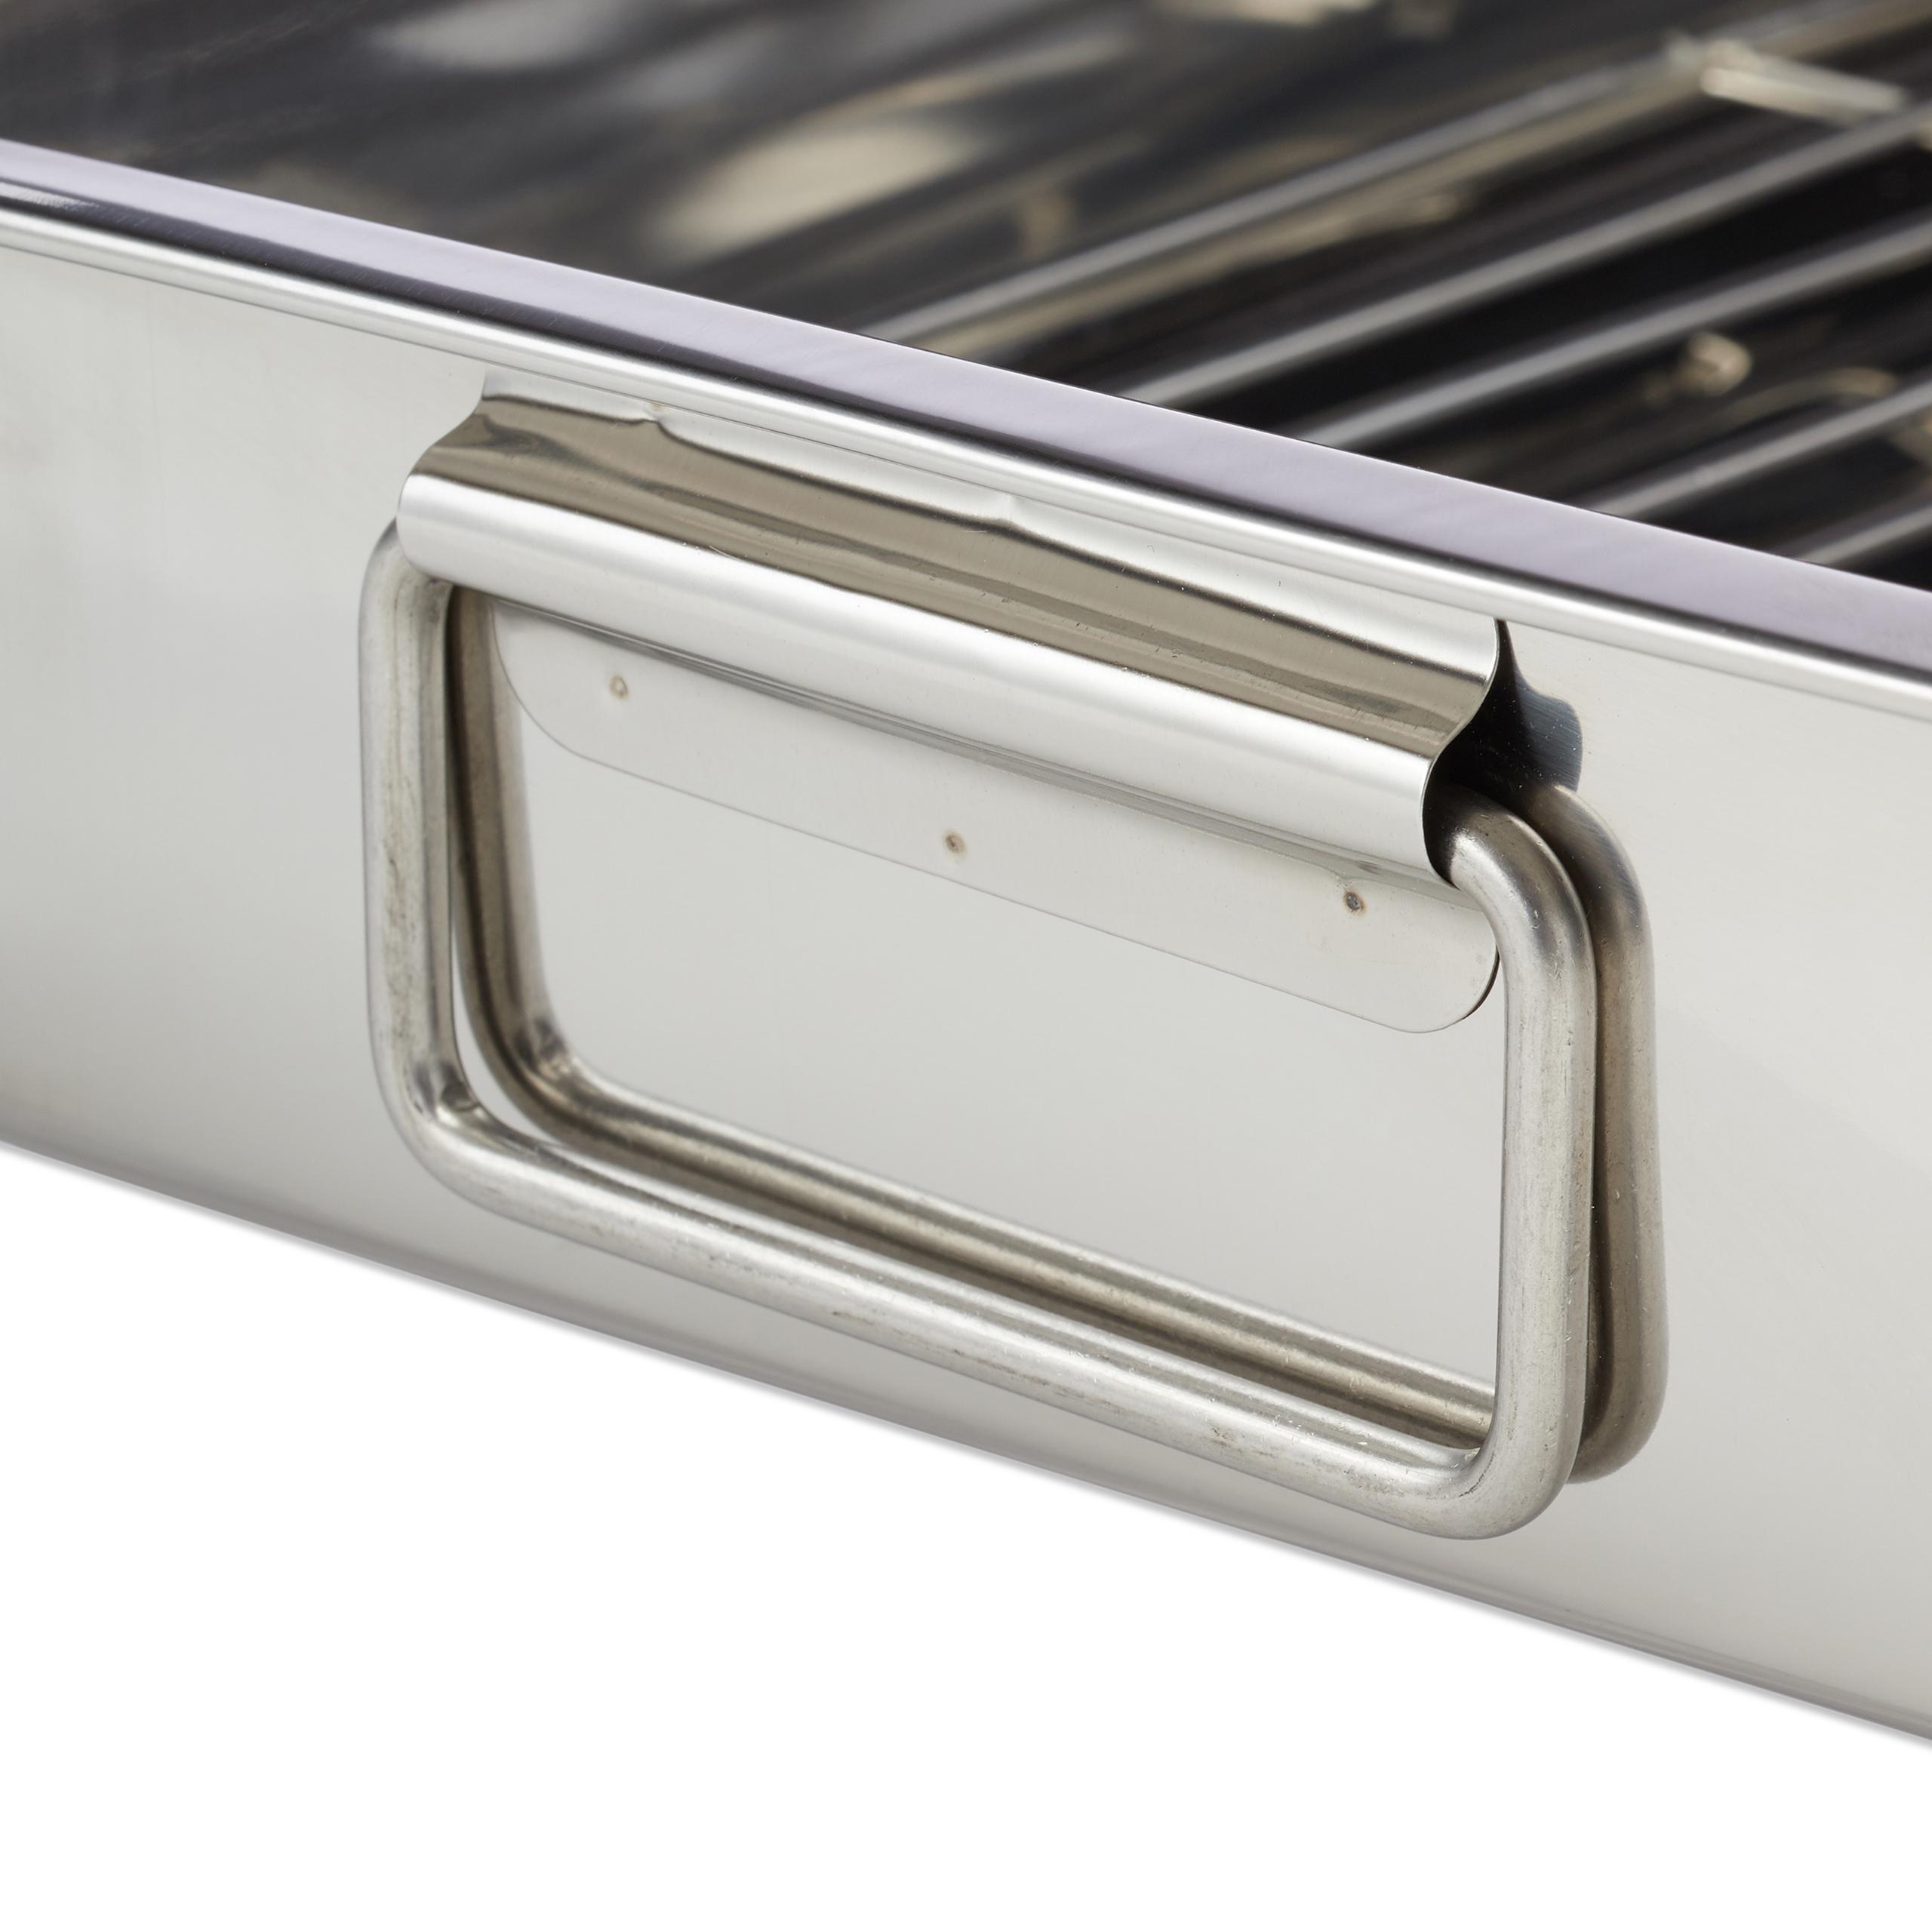 Braeter-mit-Rost-Edelstahl-Auflaufform-Bratform-Ofenform-Schwedenschale-Bratreine Indexbild 29